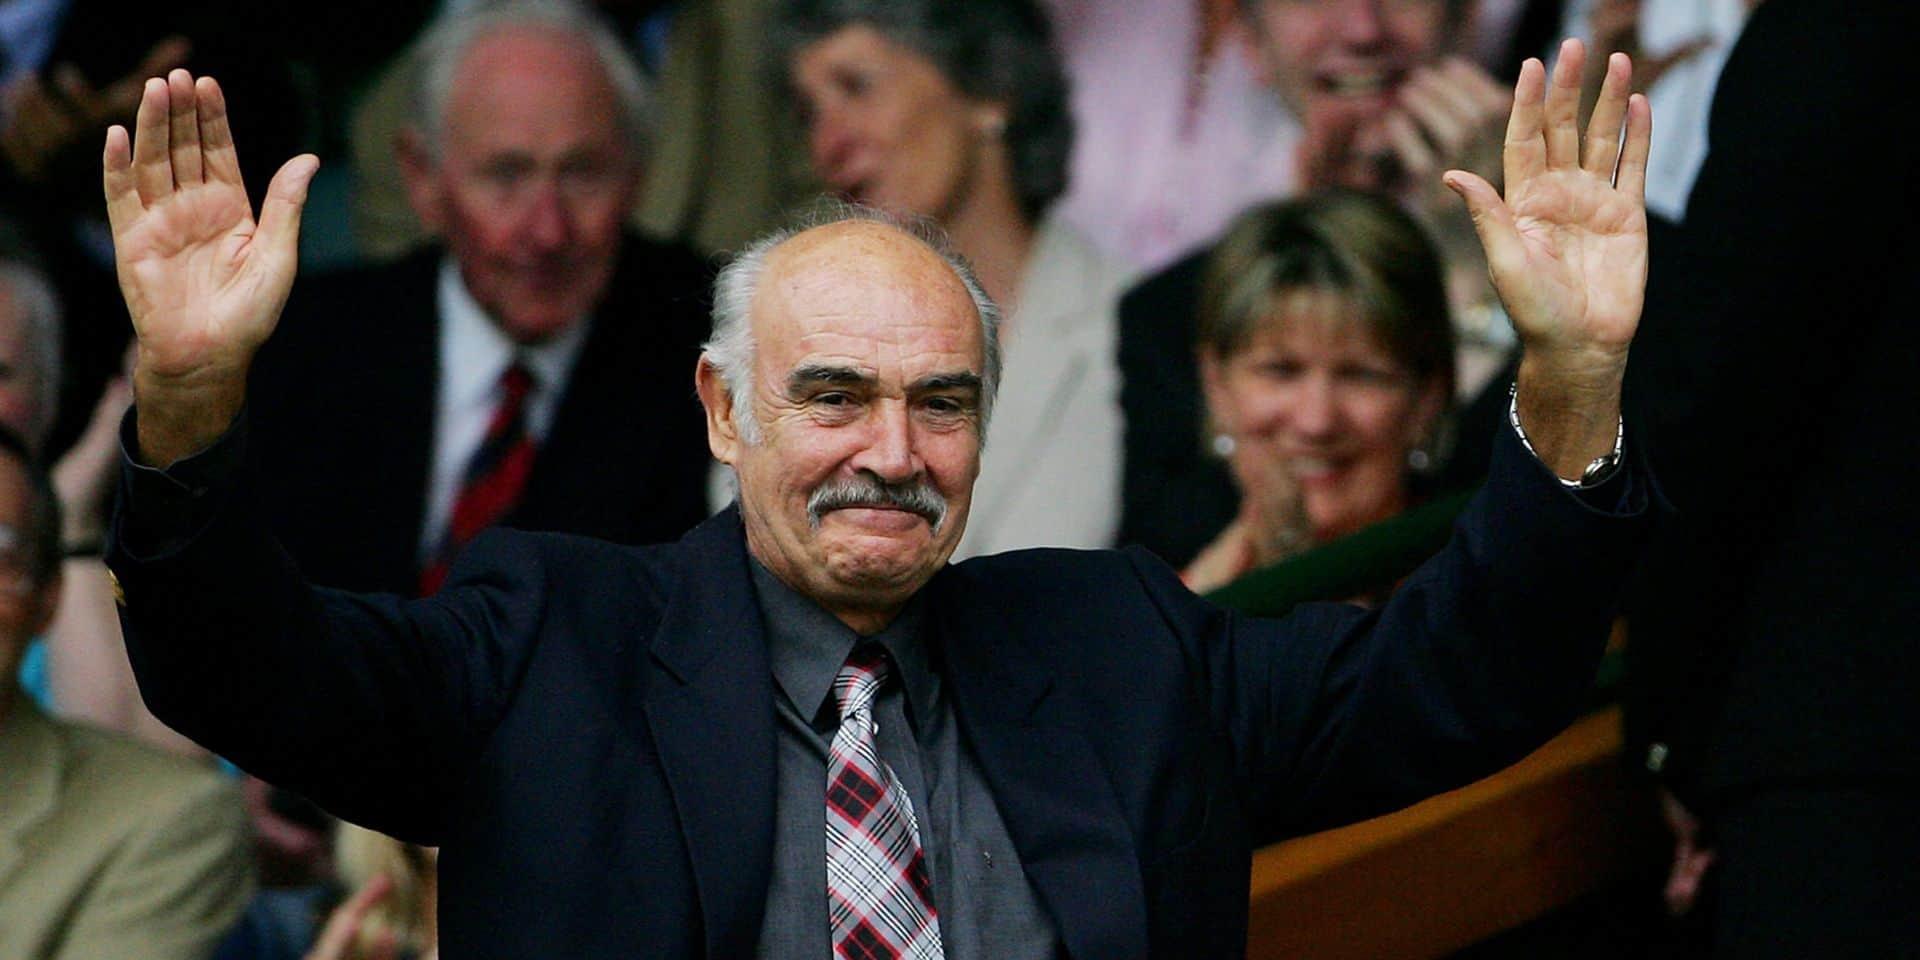 Avec son accent à couper au couteau, on prenait Sean Connery pour un Polonais